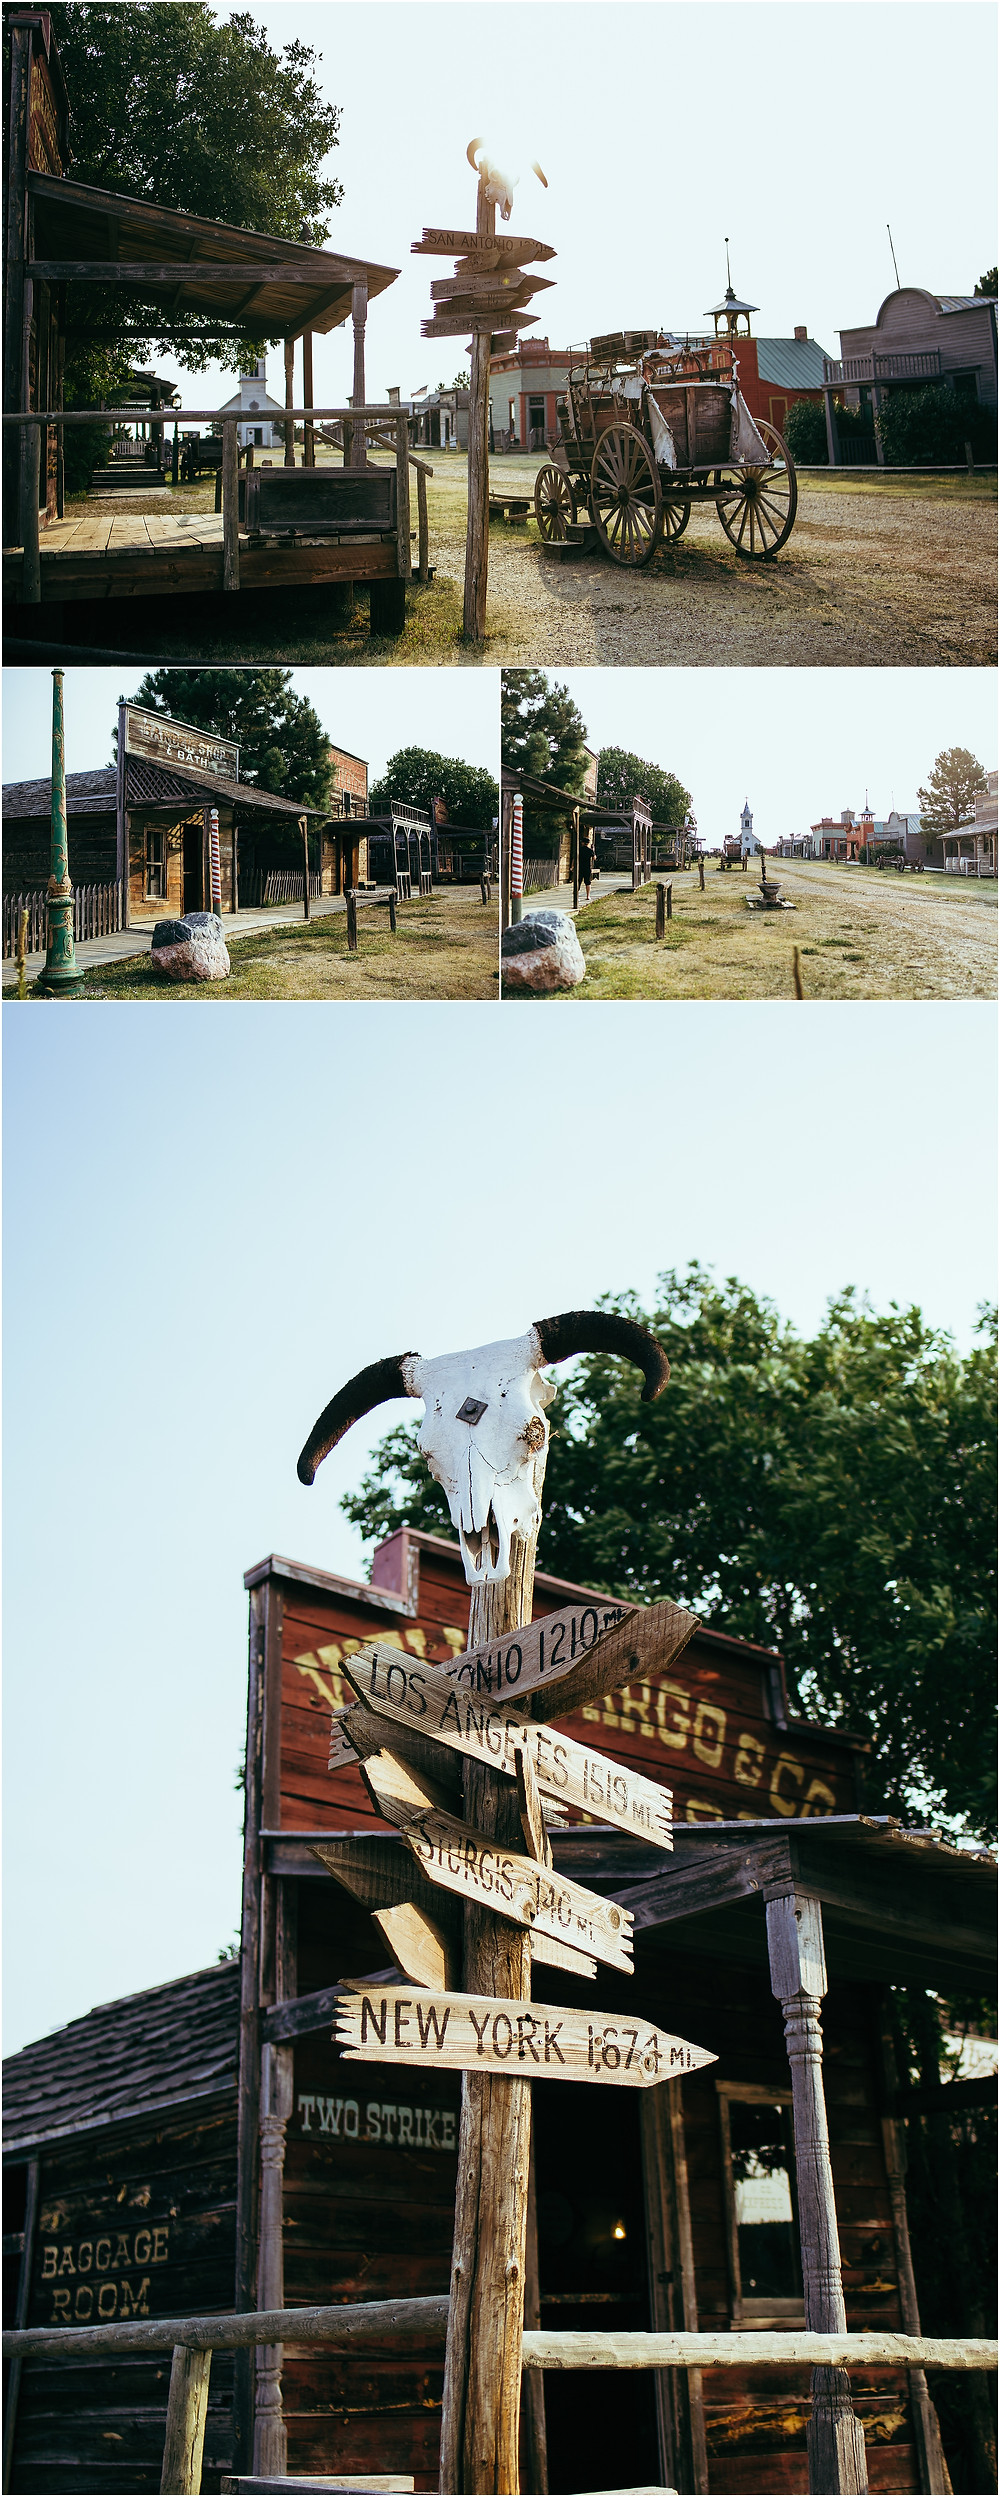 Iowa City Photographer travel photos 1880 town